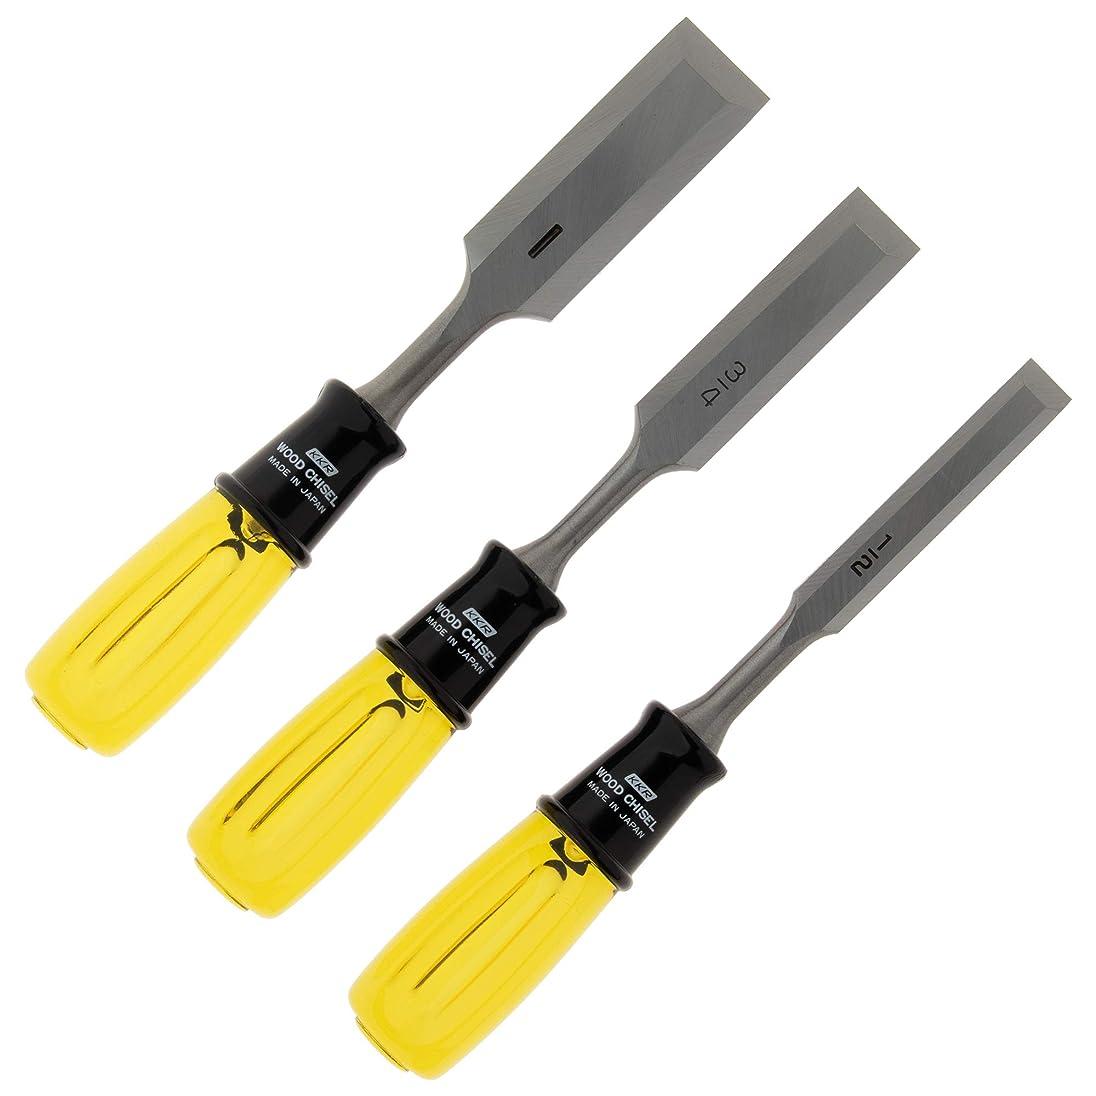 モンスター接触必須角利産業(KAKURI) 万能のみ ショートタイプ 3本組